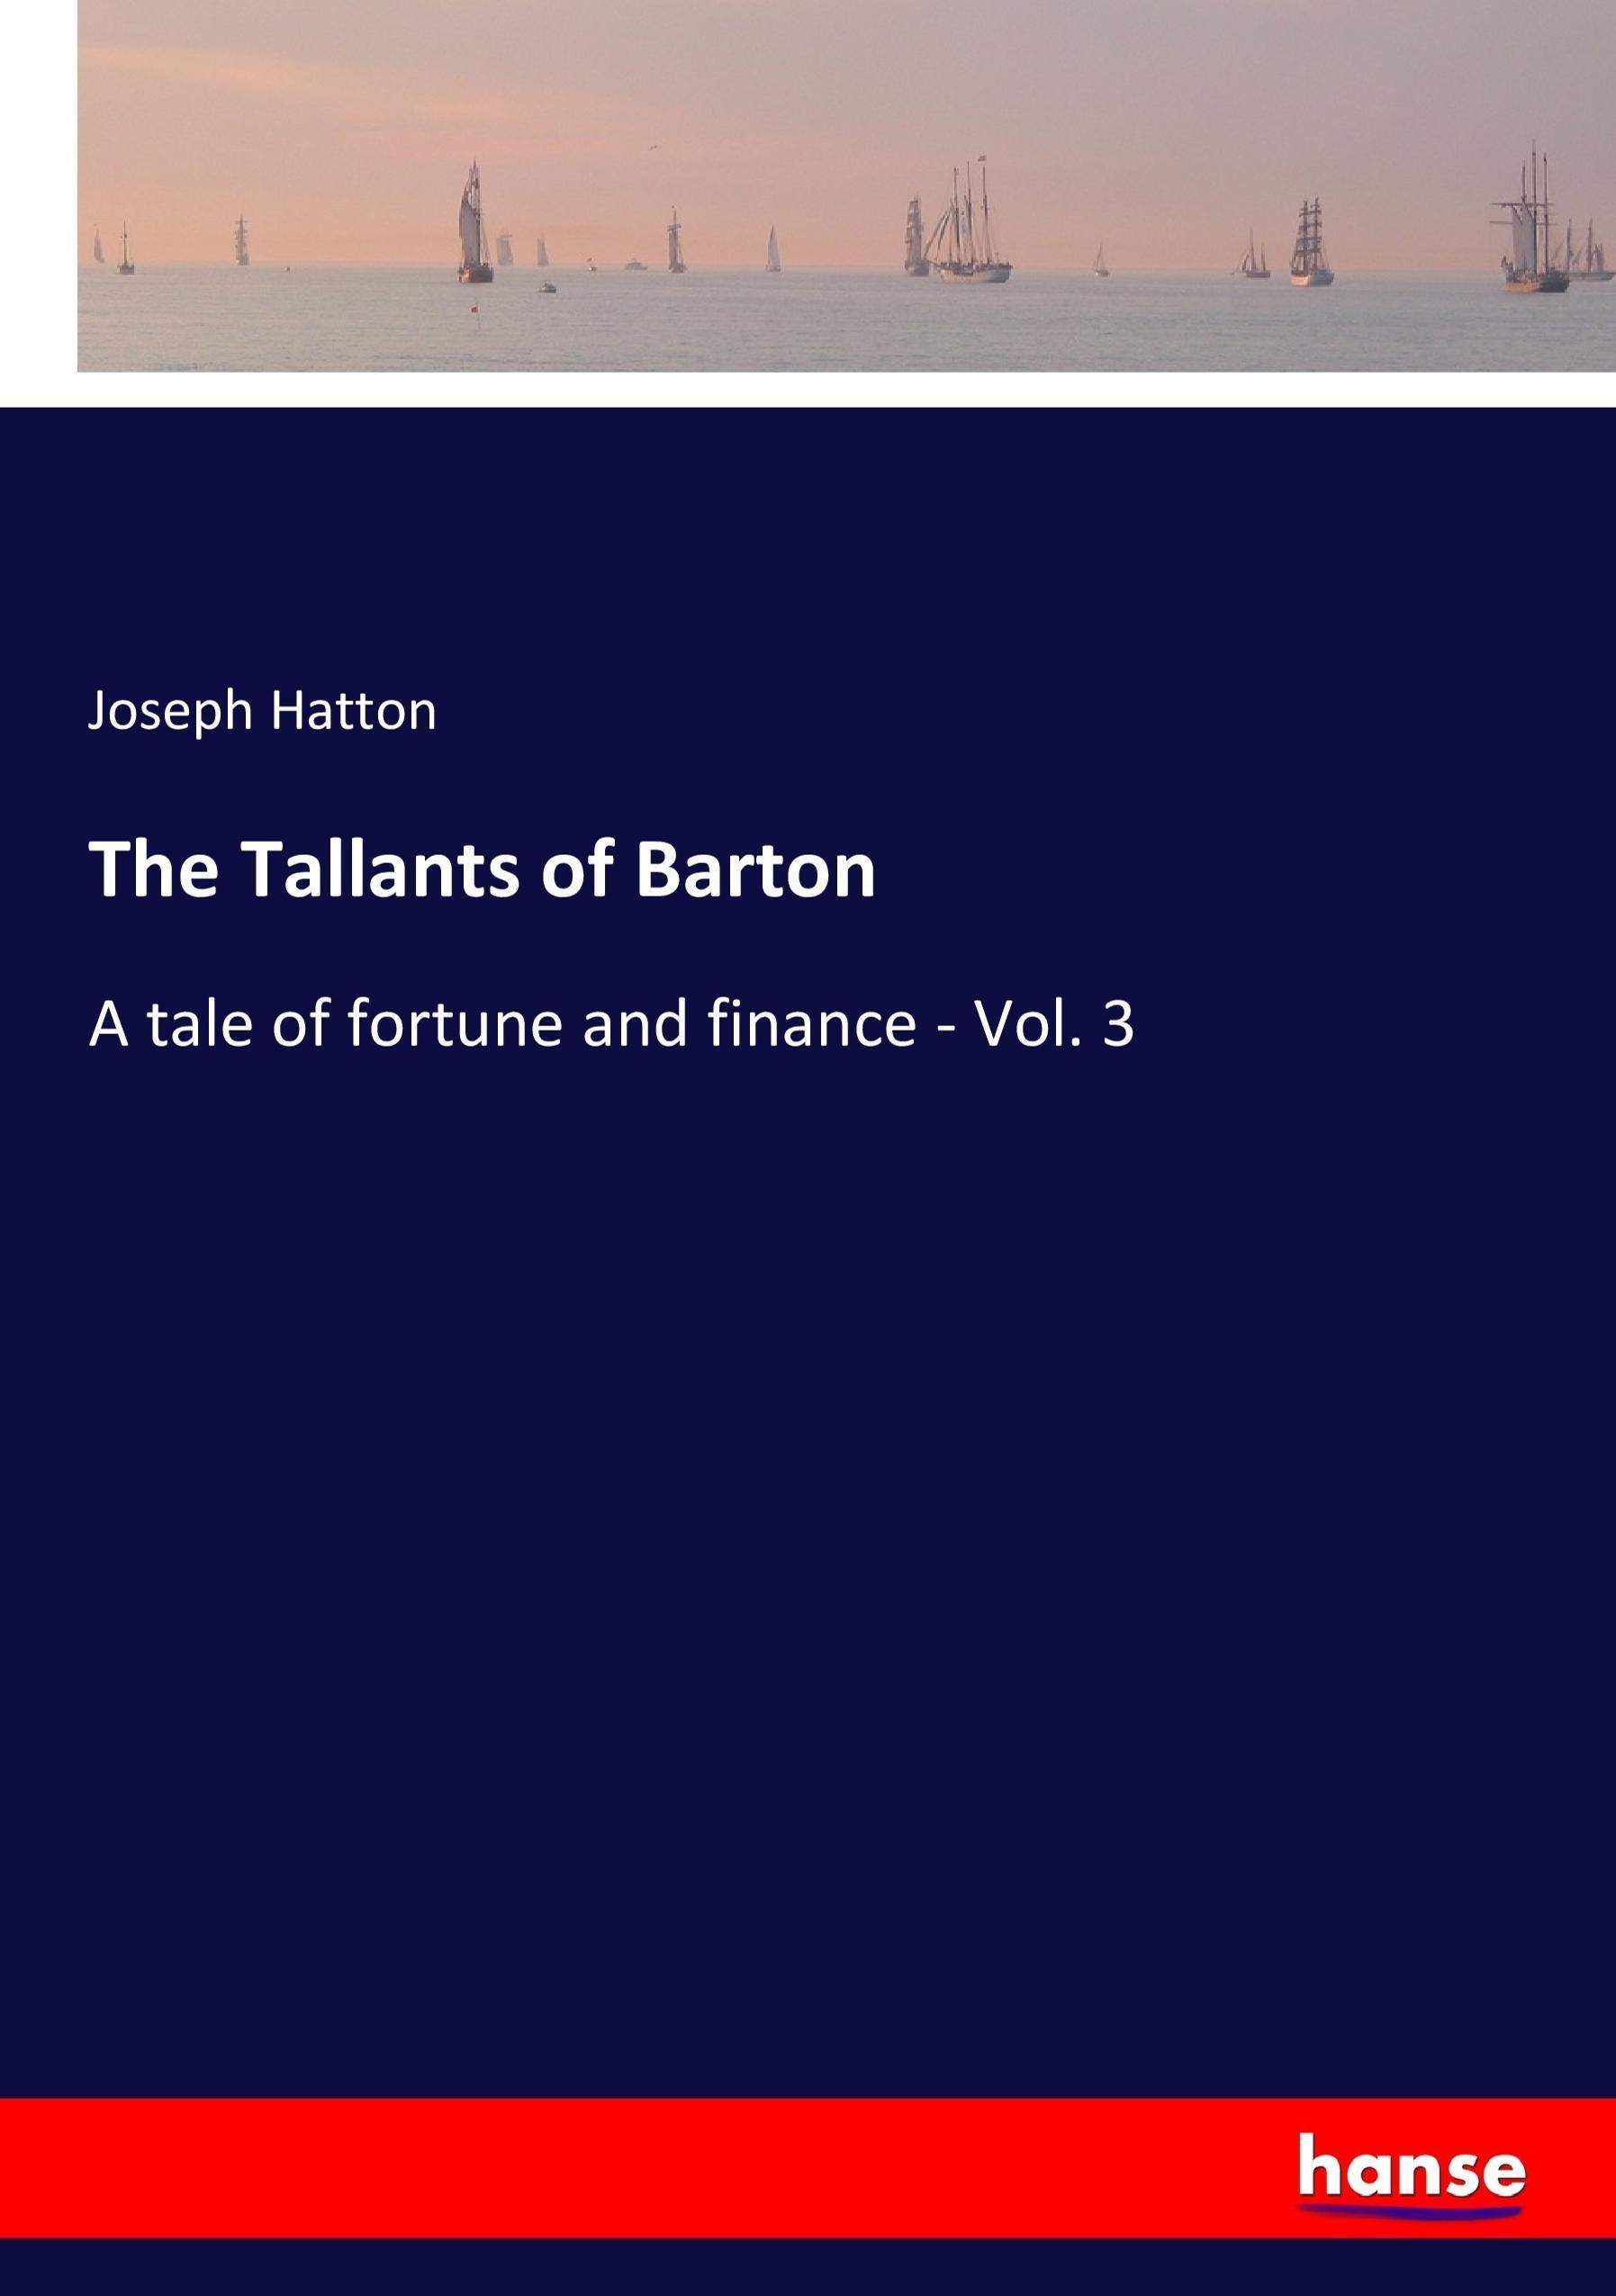 Joseph-Hatton-The-Tallants-of-Barton9783337344078